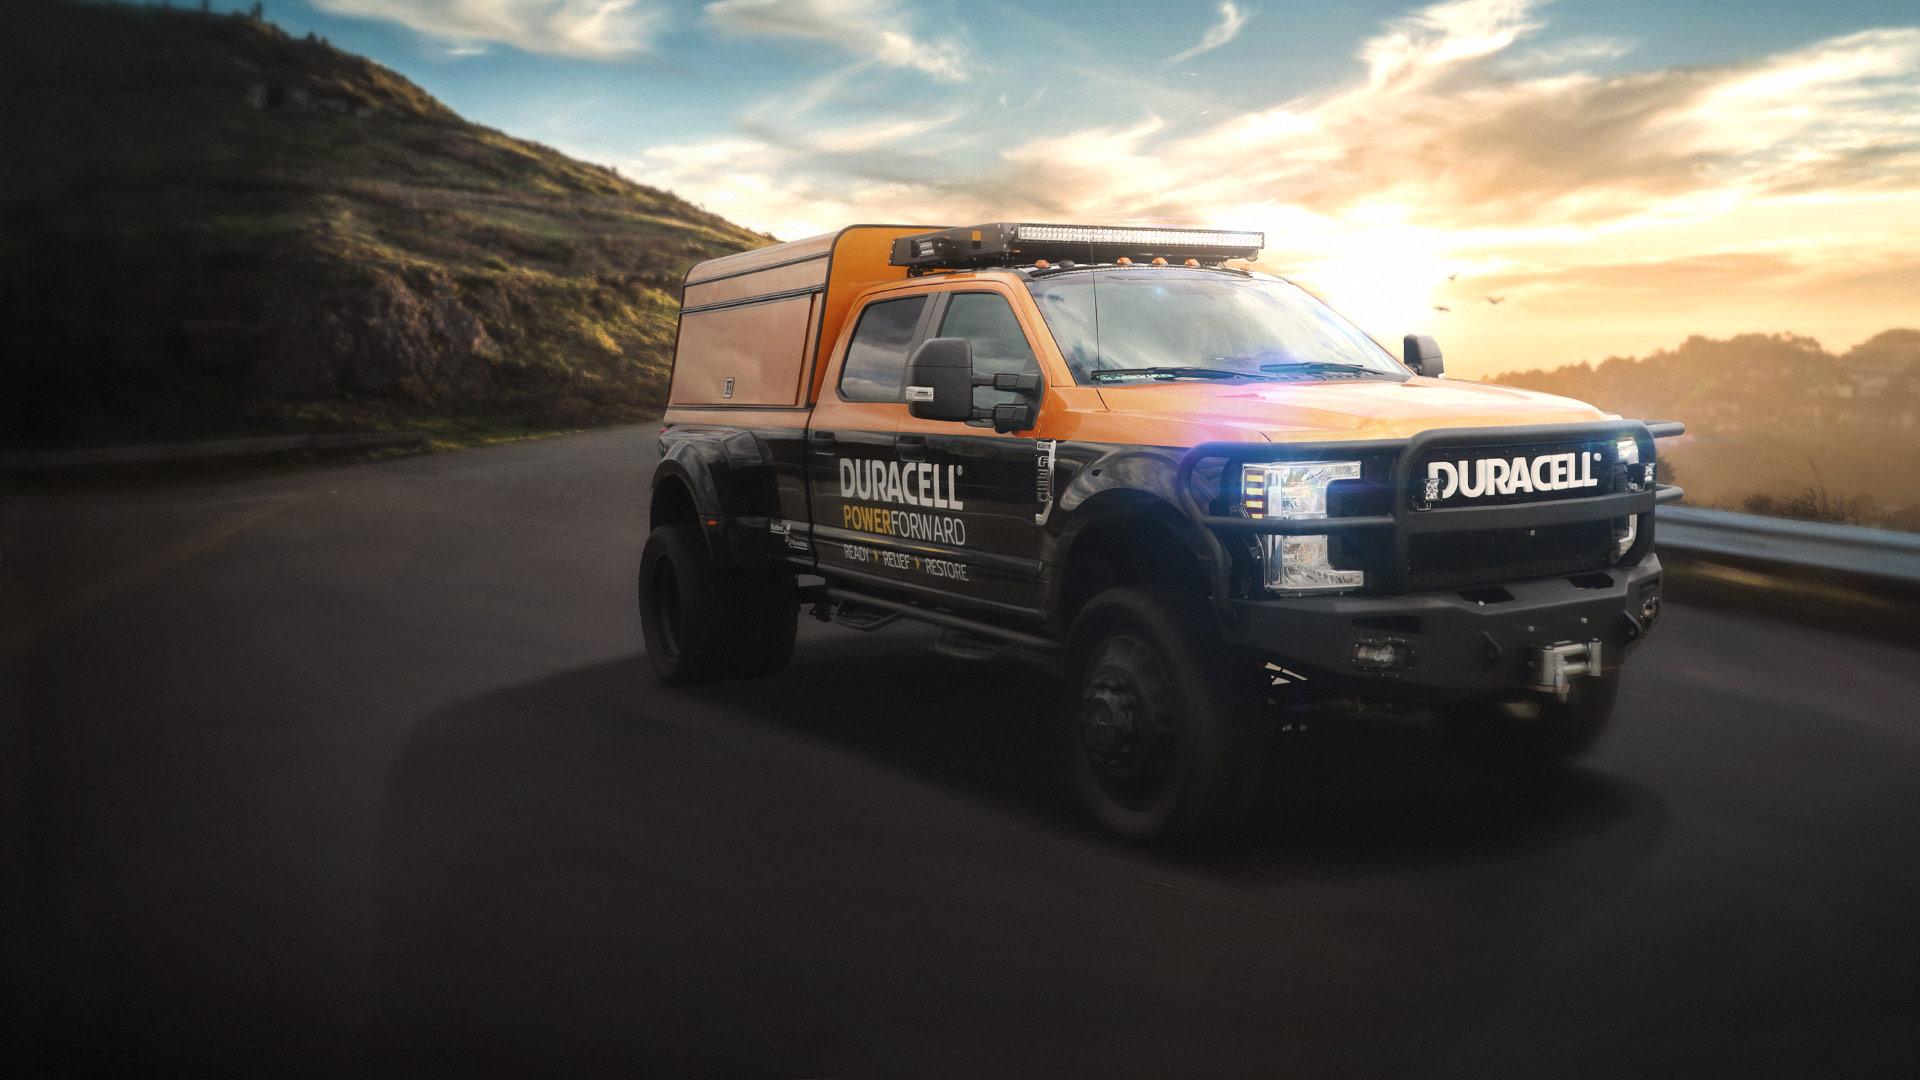 Camión PowerForward de cobre y negro en la carretera